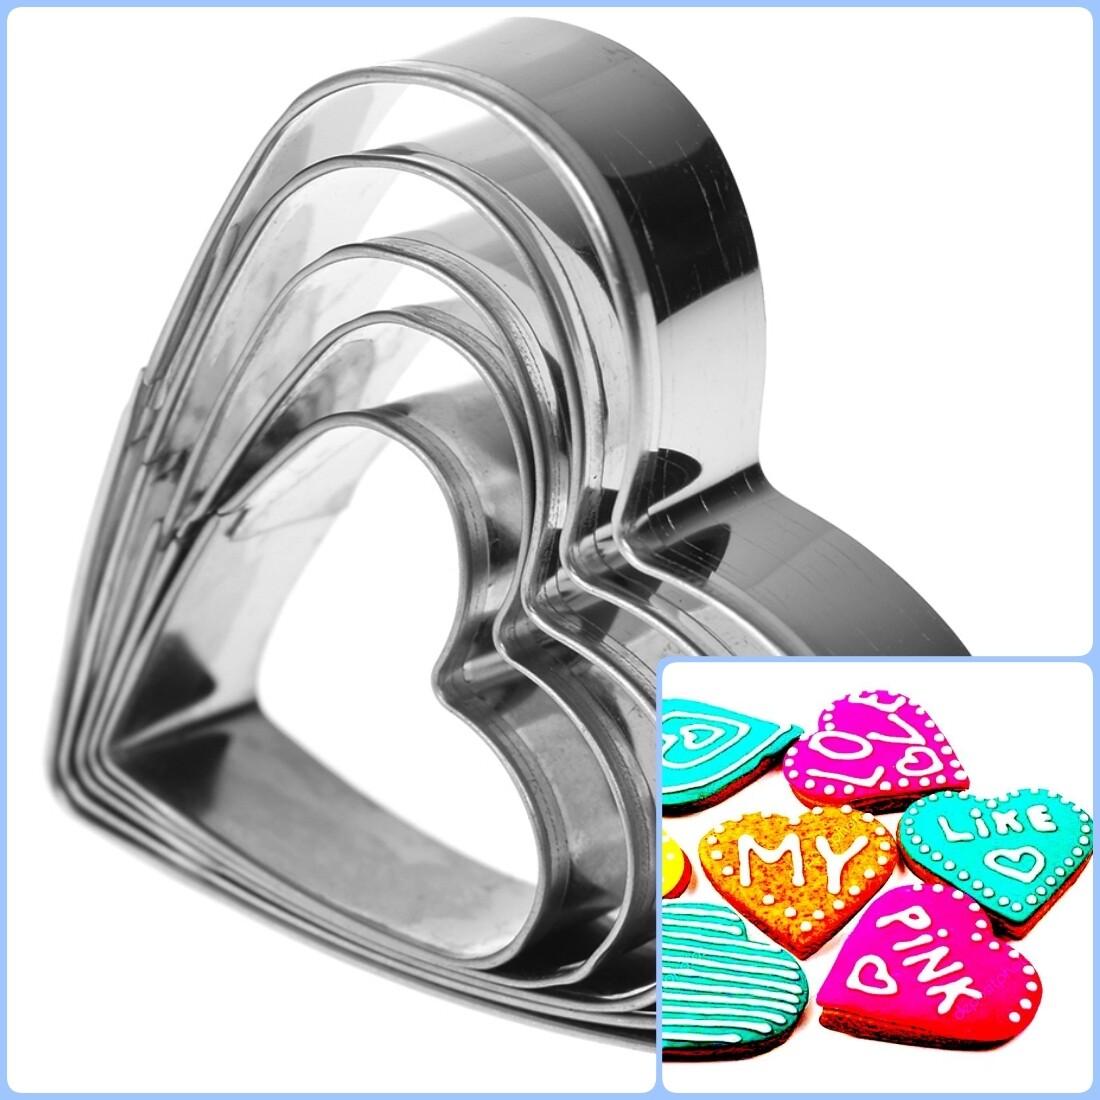 Вырубка стальная Сердца 5-8 см | Набор 5 фигур